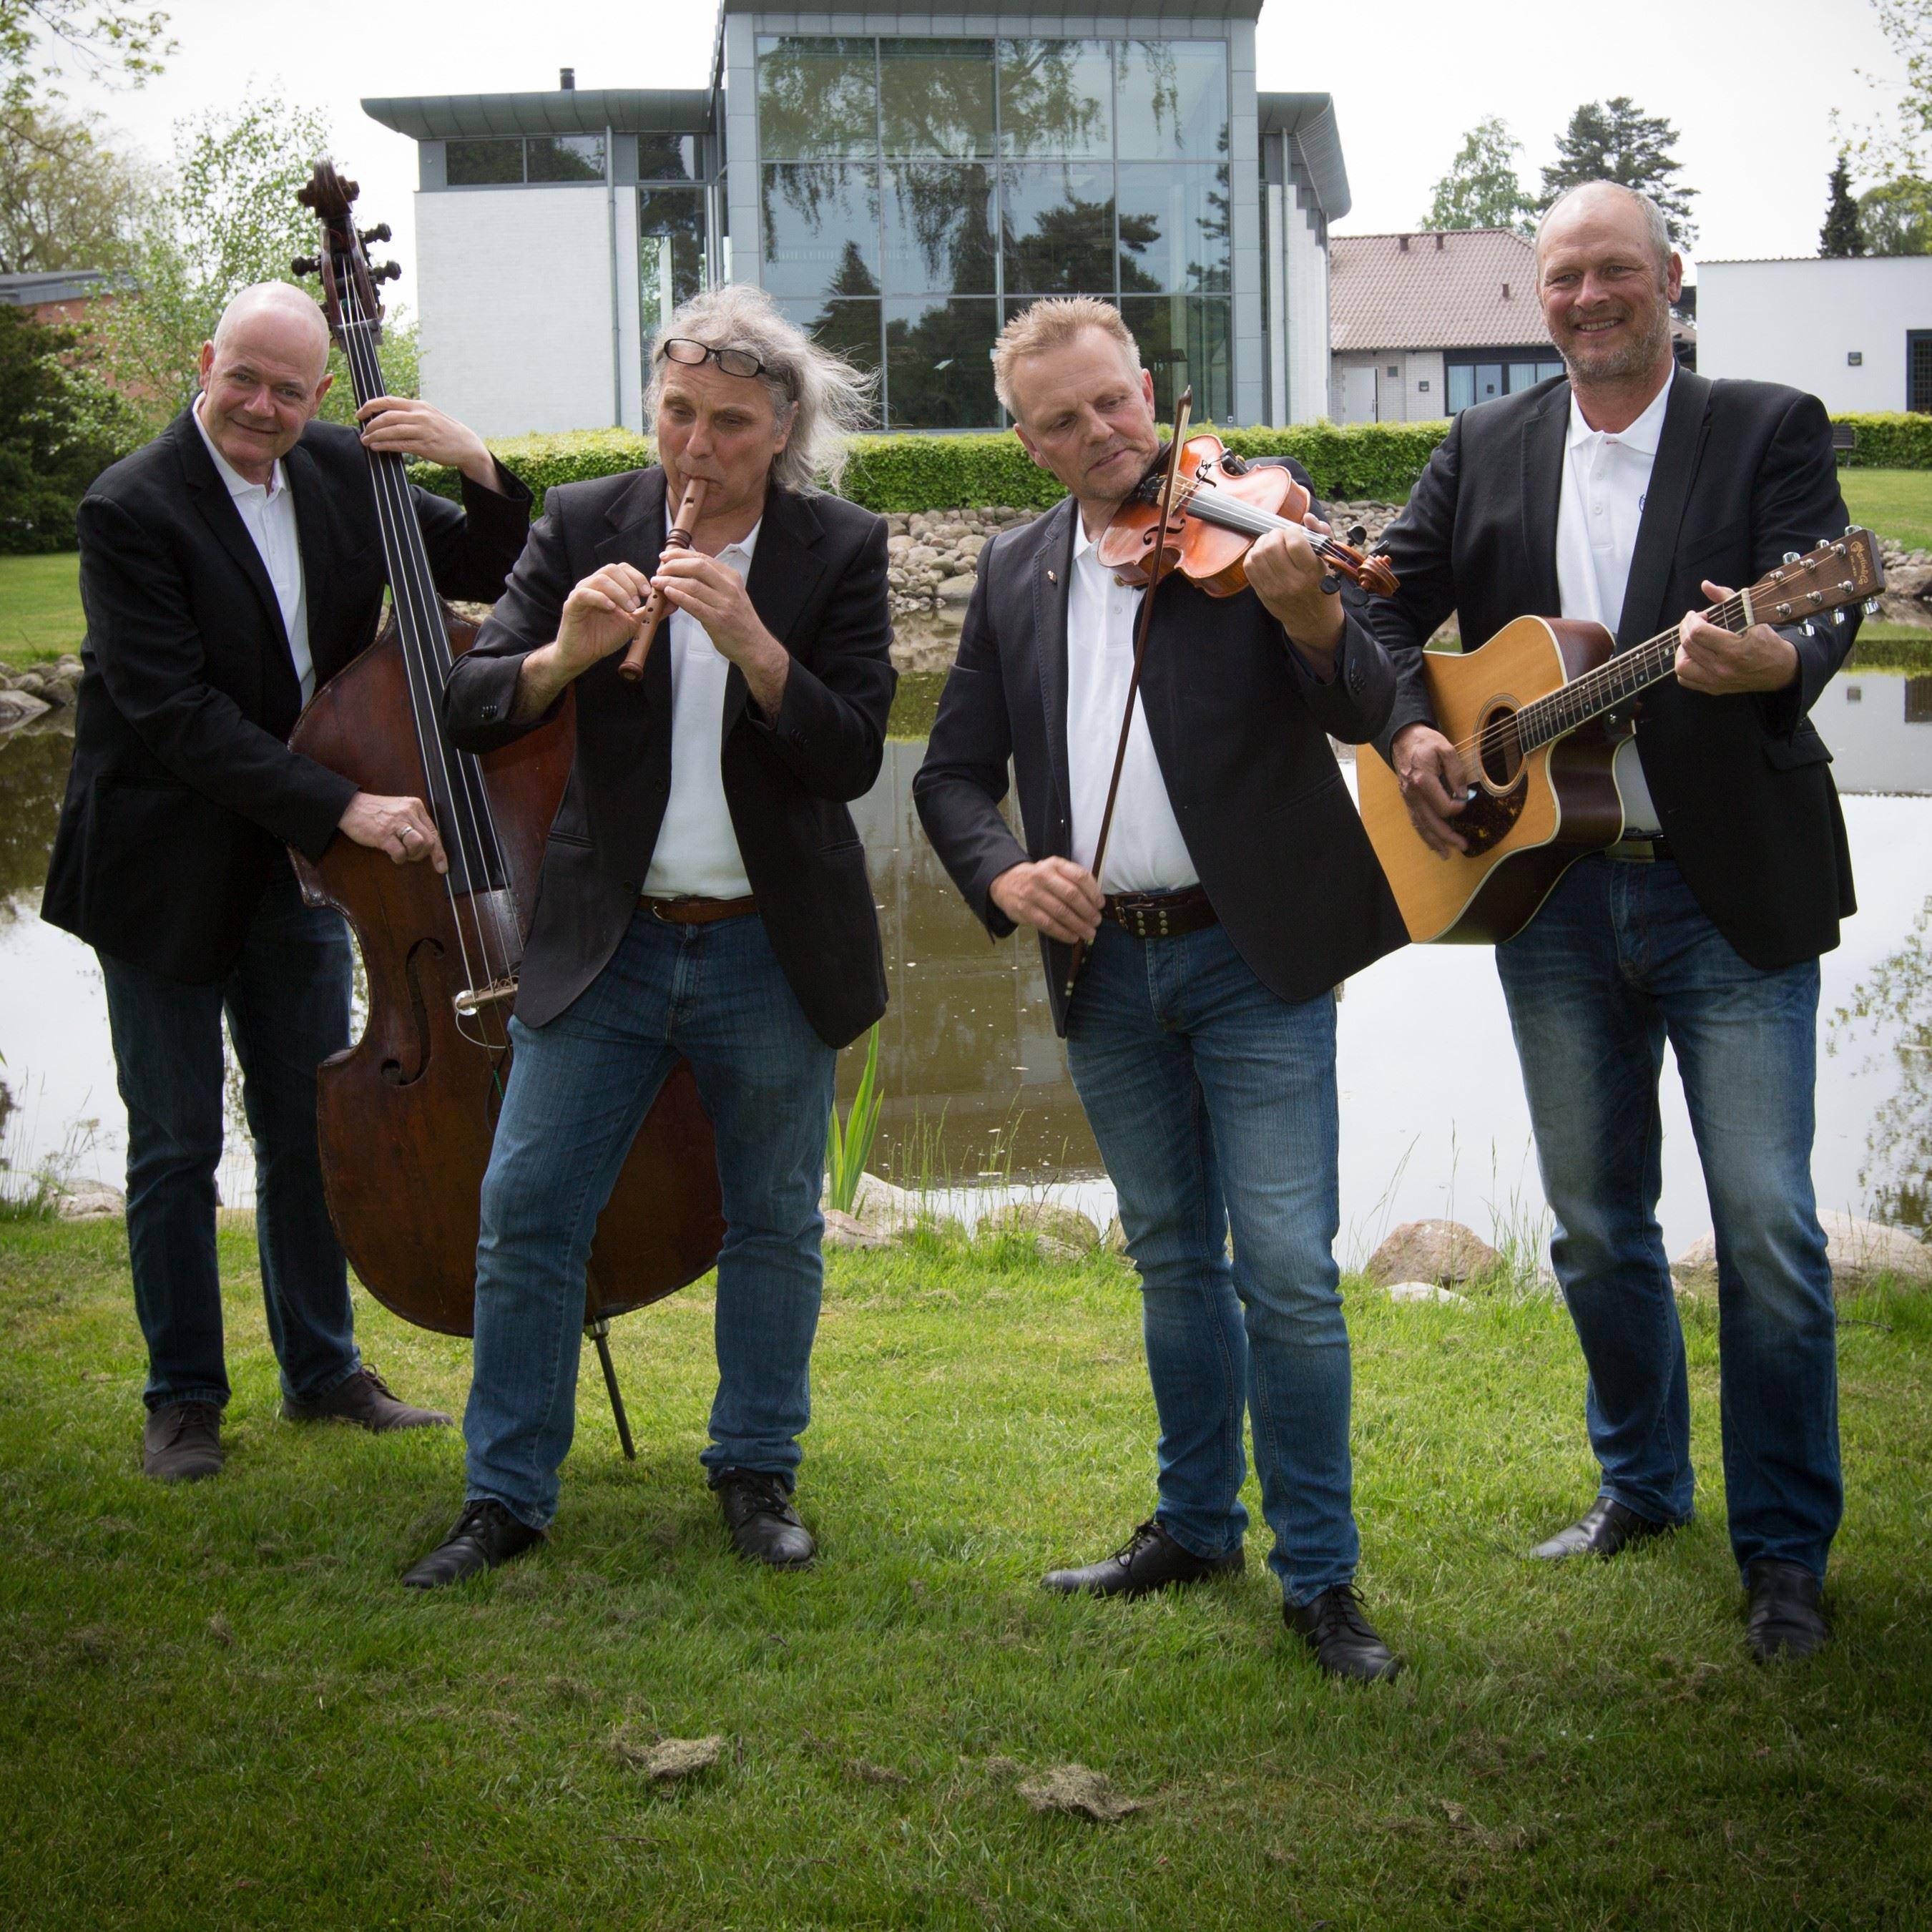 Irsk musik på Højskolen Marielyst og Torvet i Nykøbing F